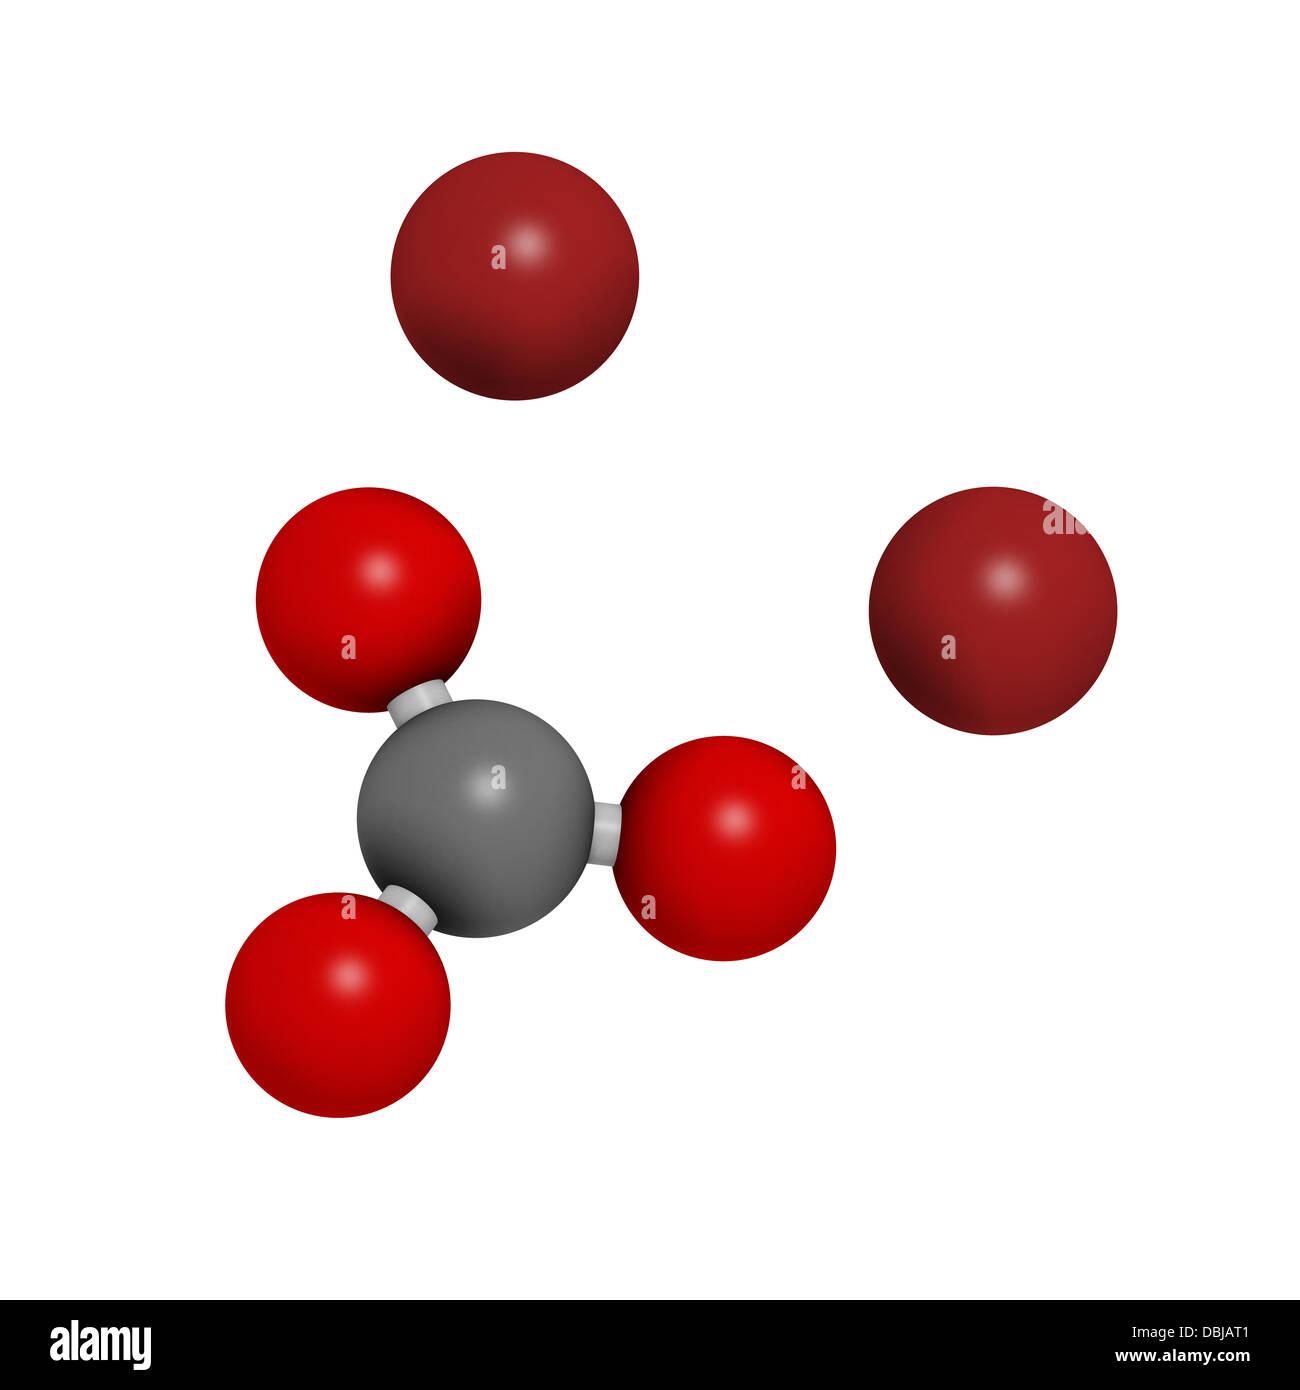 Lithium Carbonate Free Trial